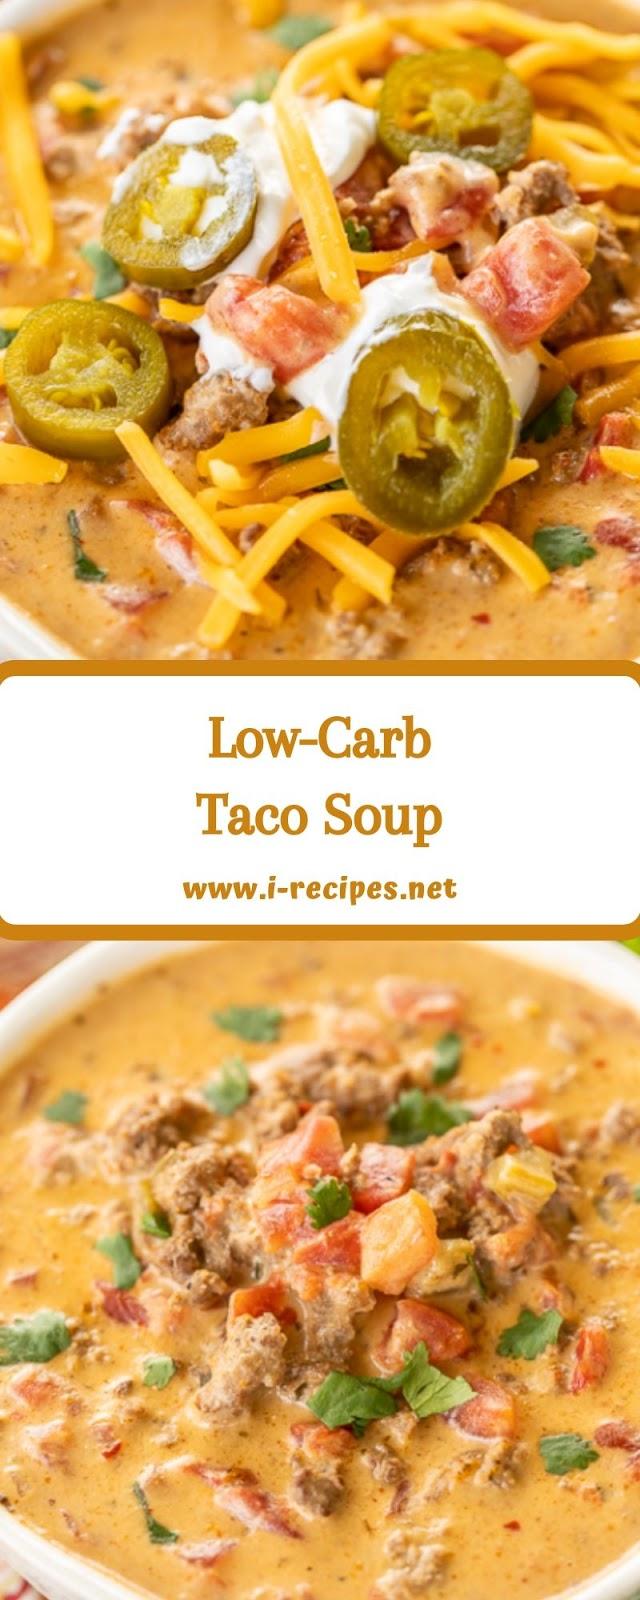 Low-Carb Taco Soup